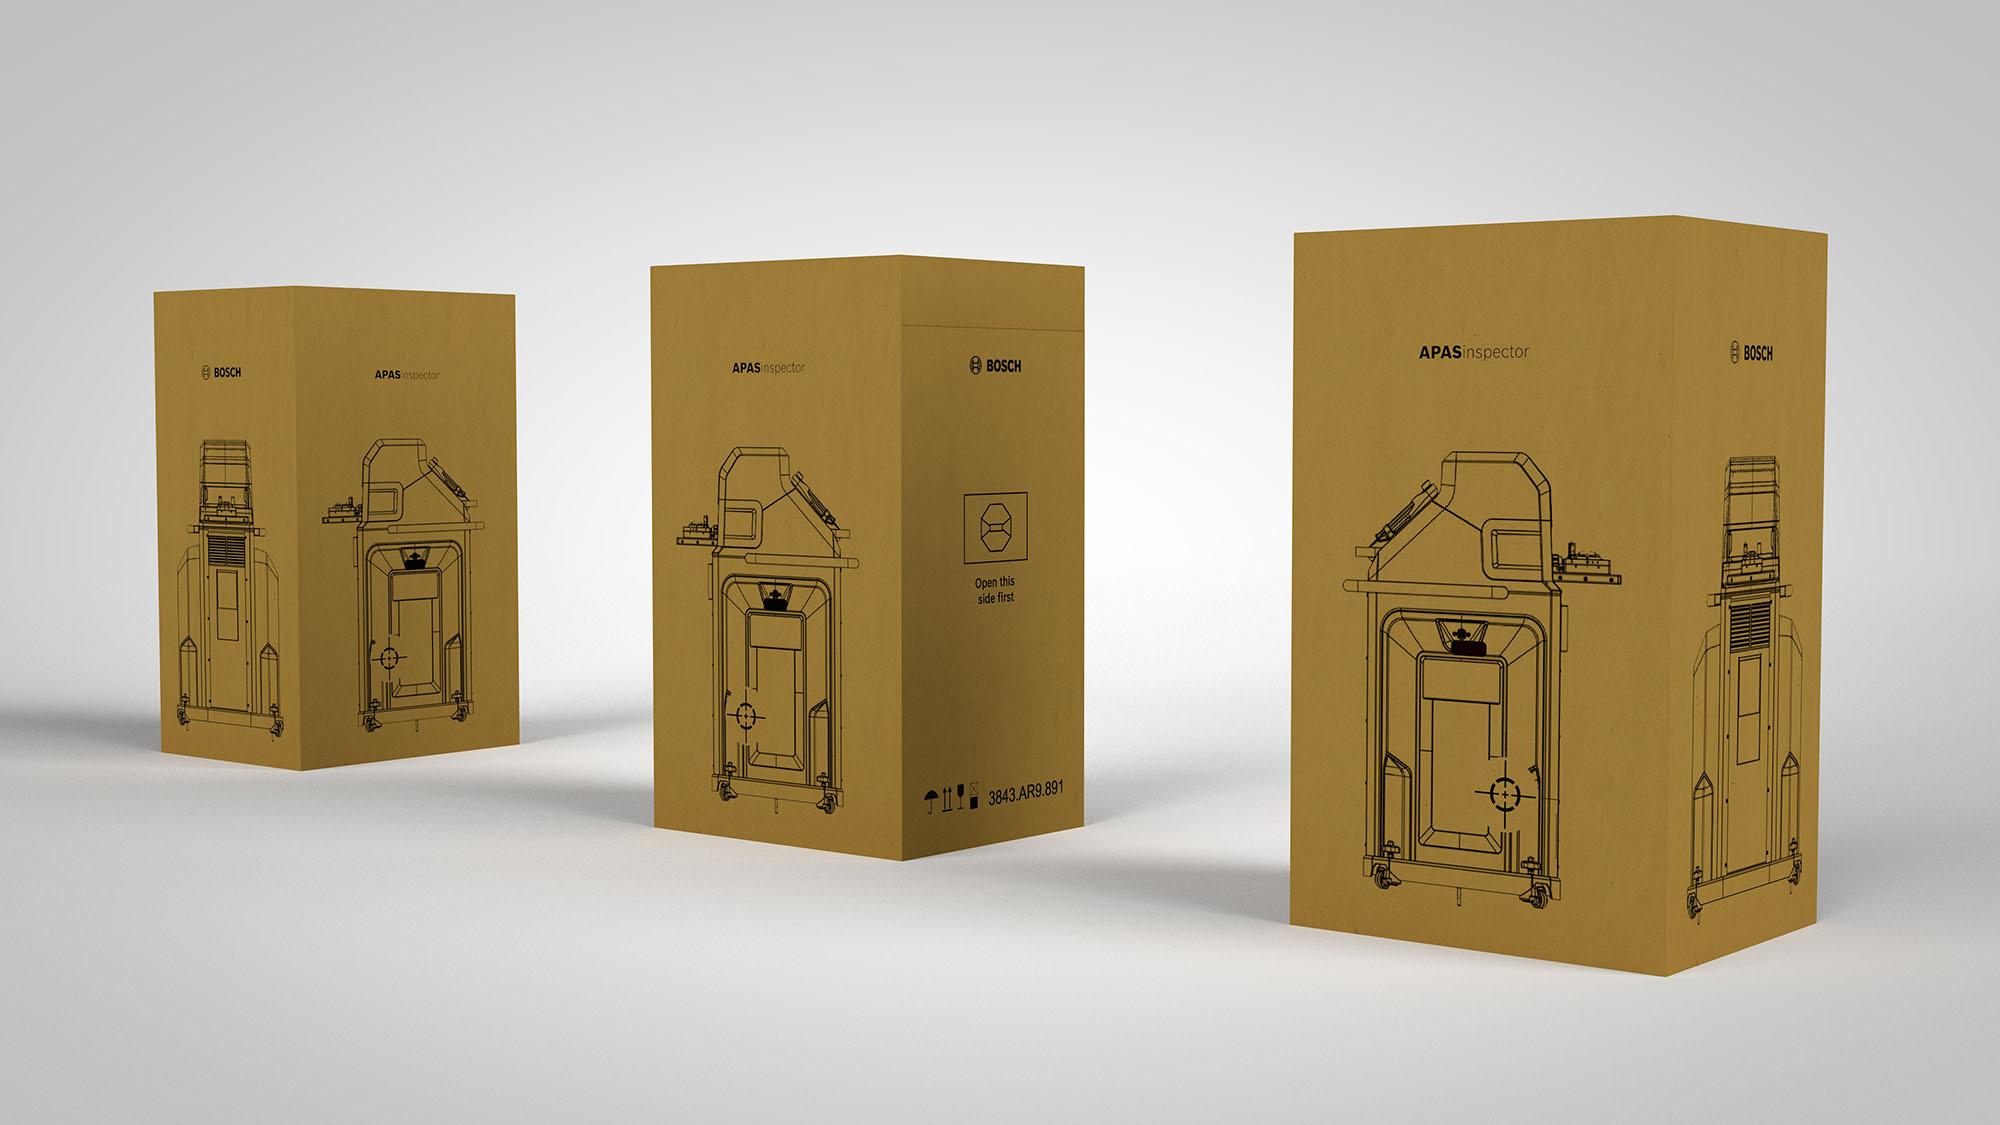 Bosch_APAS_Verpackung_Repro_Web_01